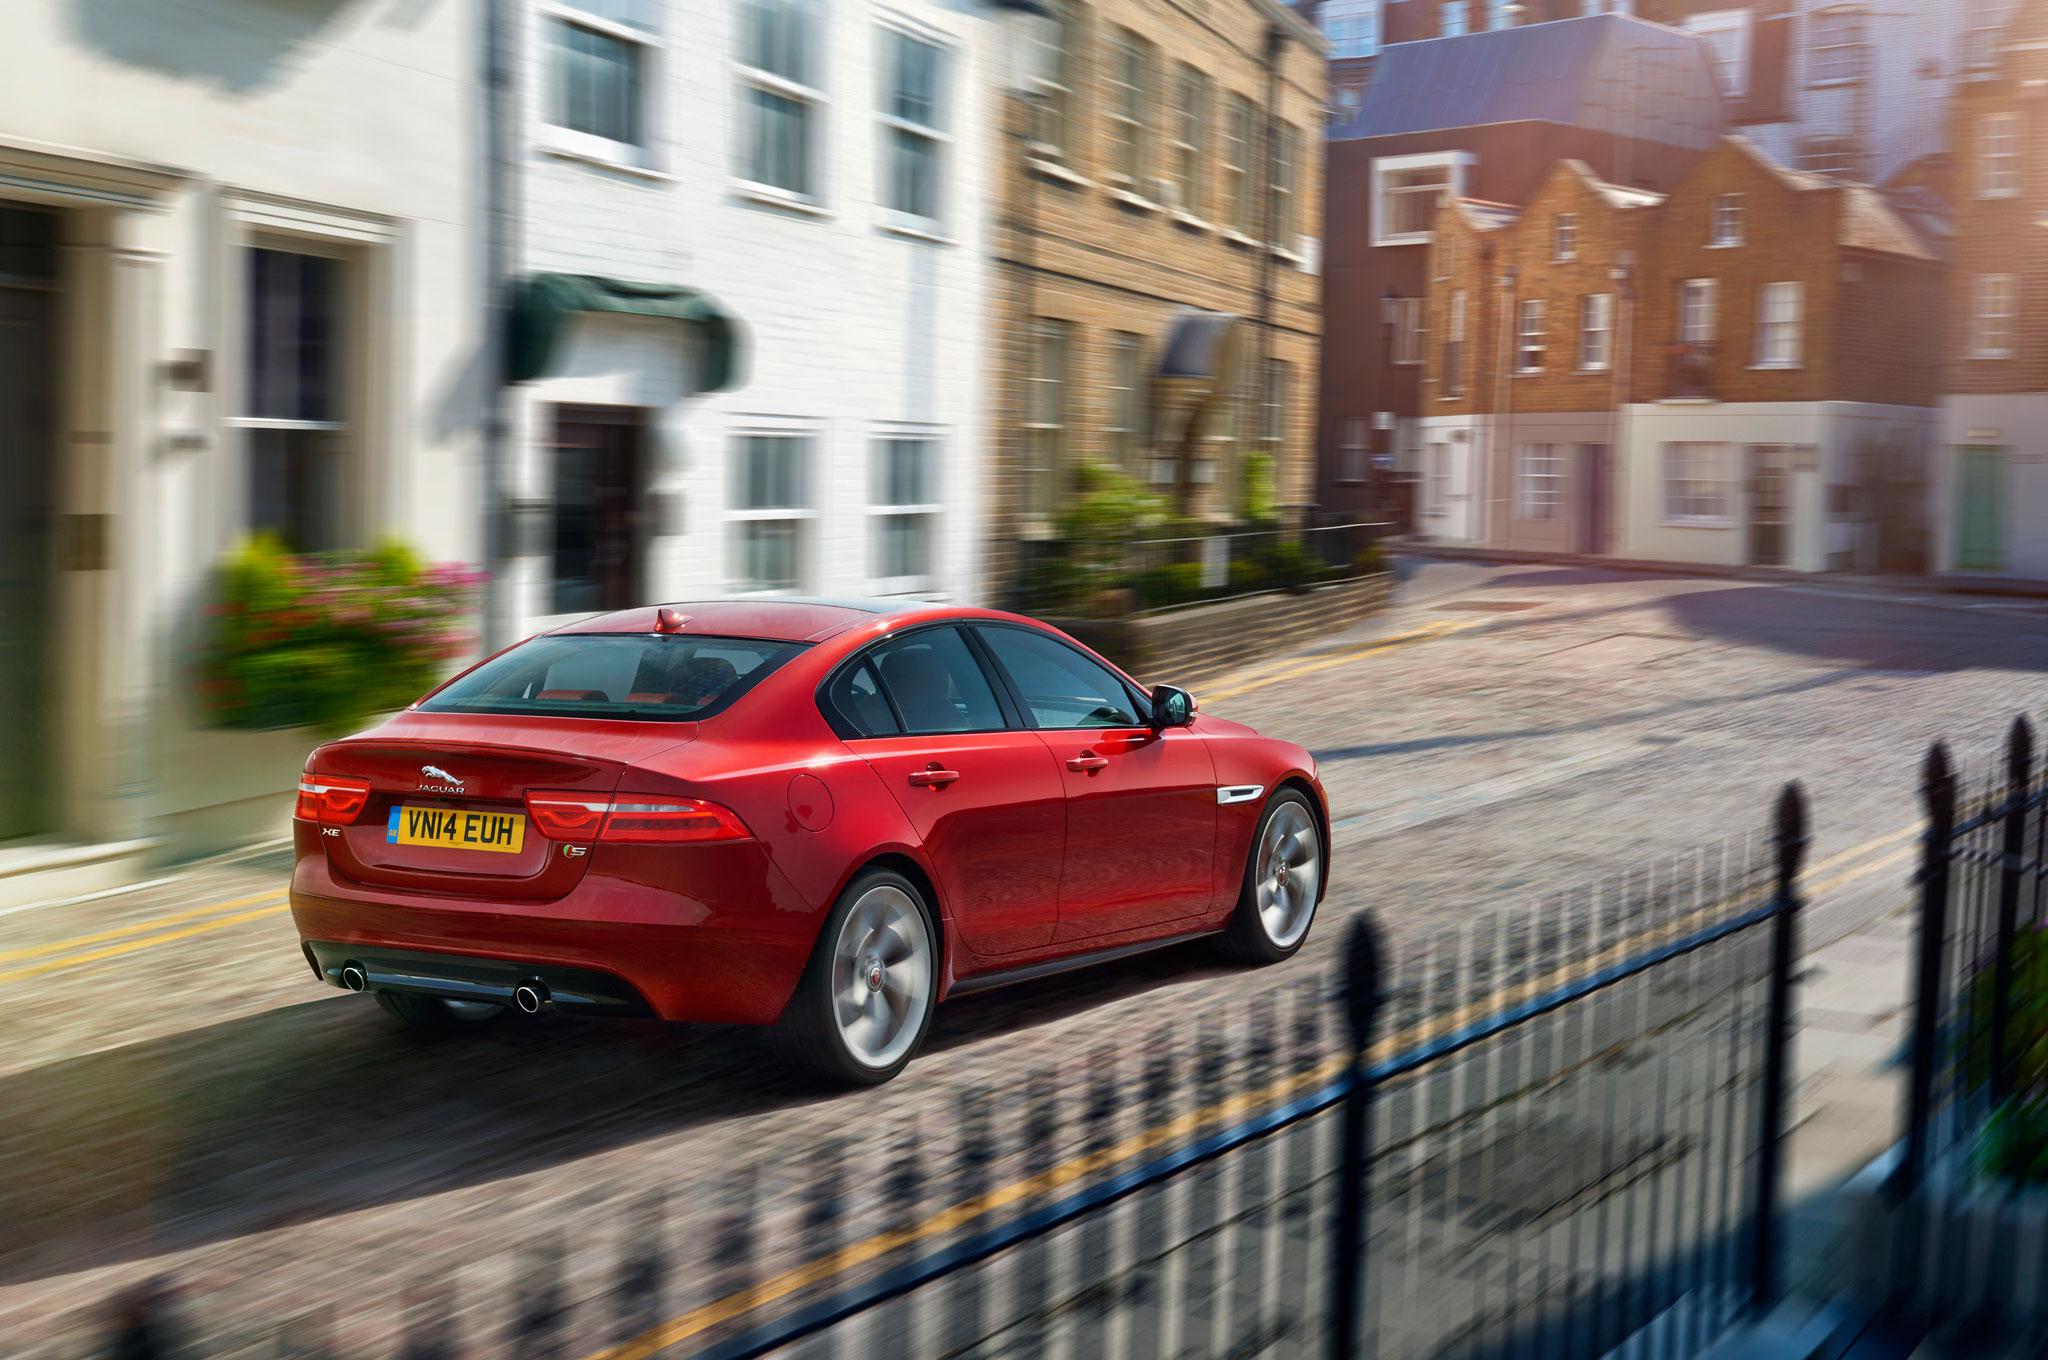 2016 Jaguar XE Front Side View